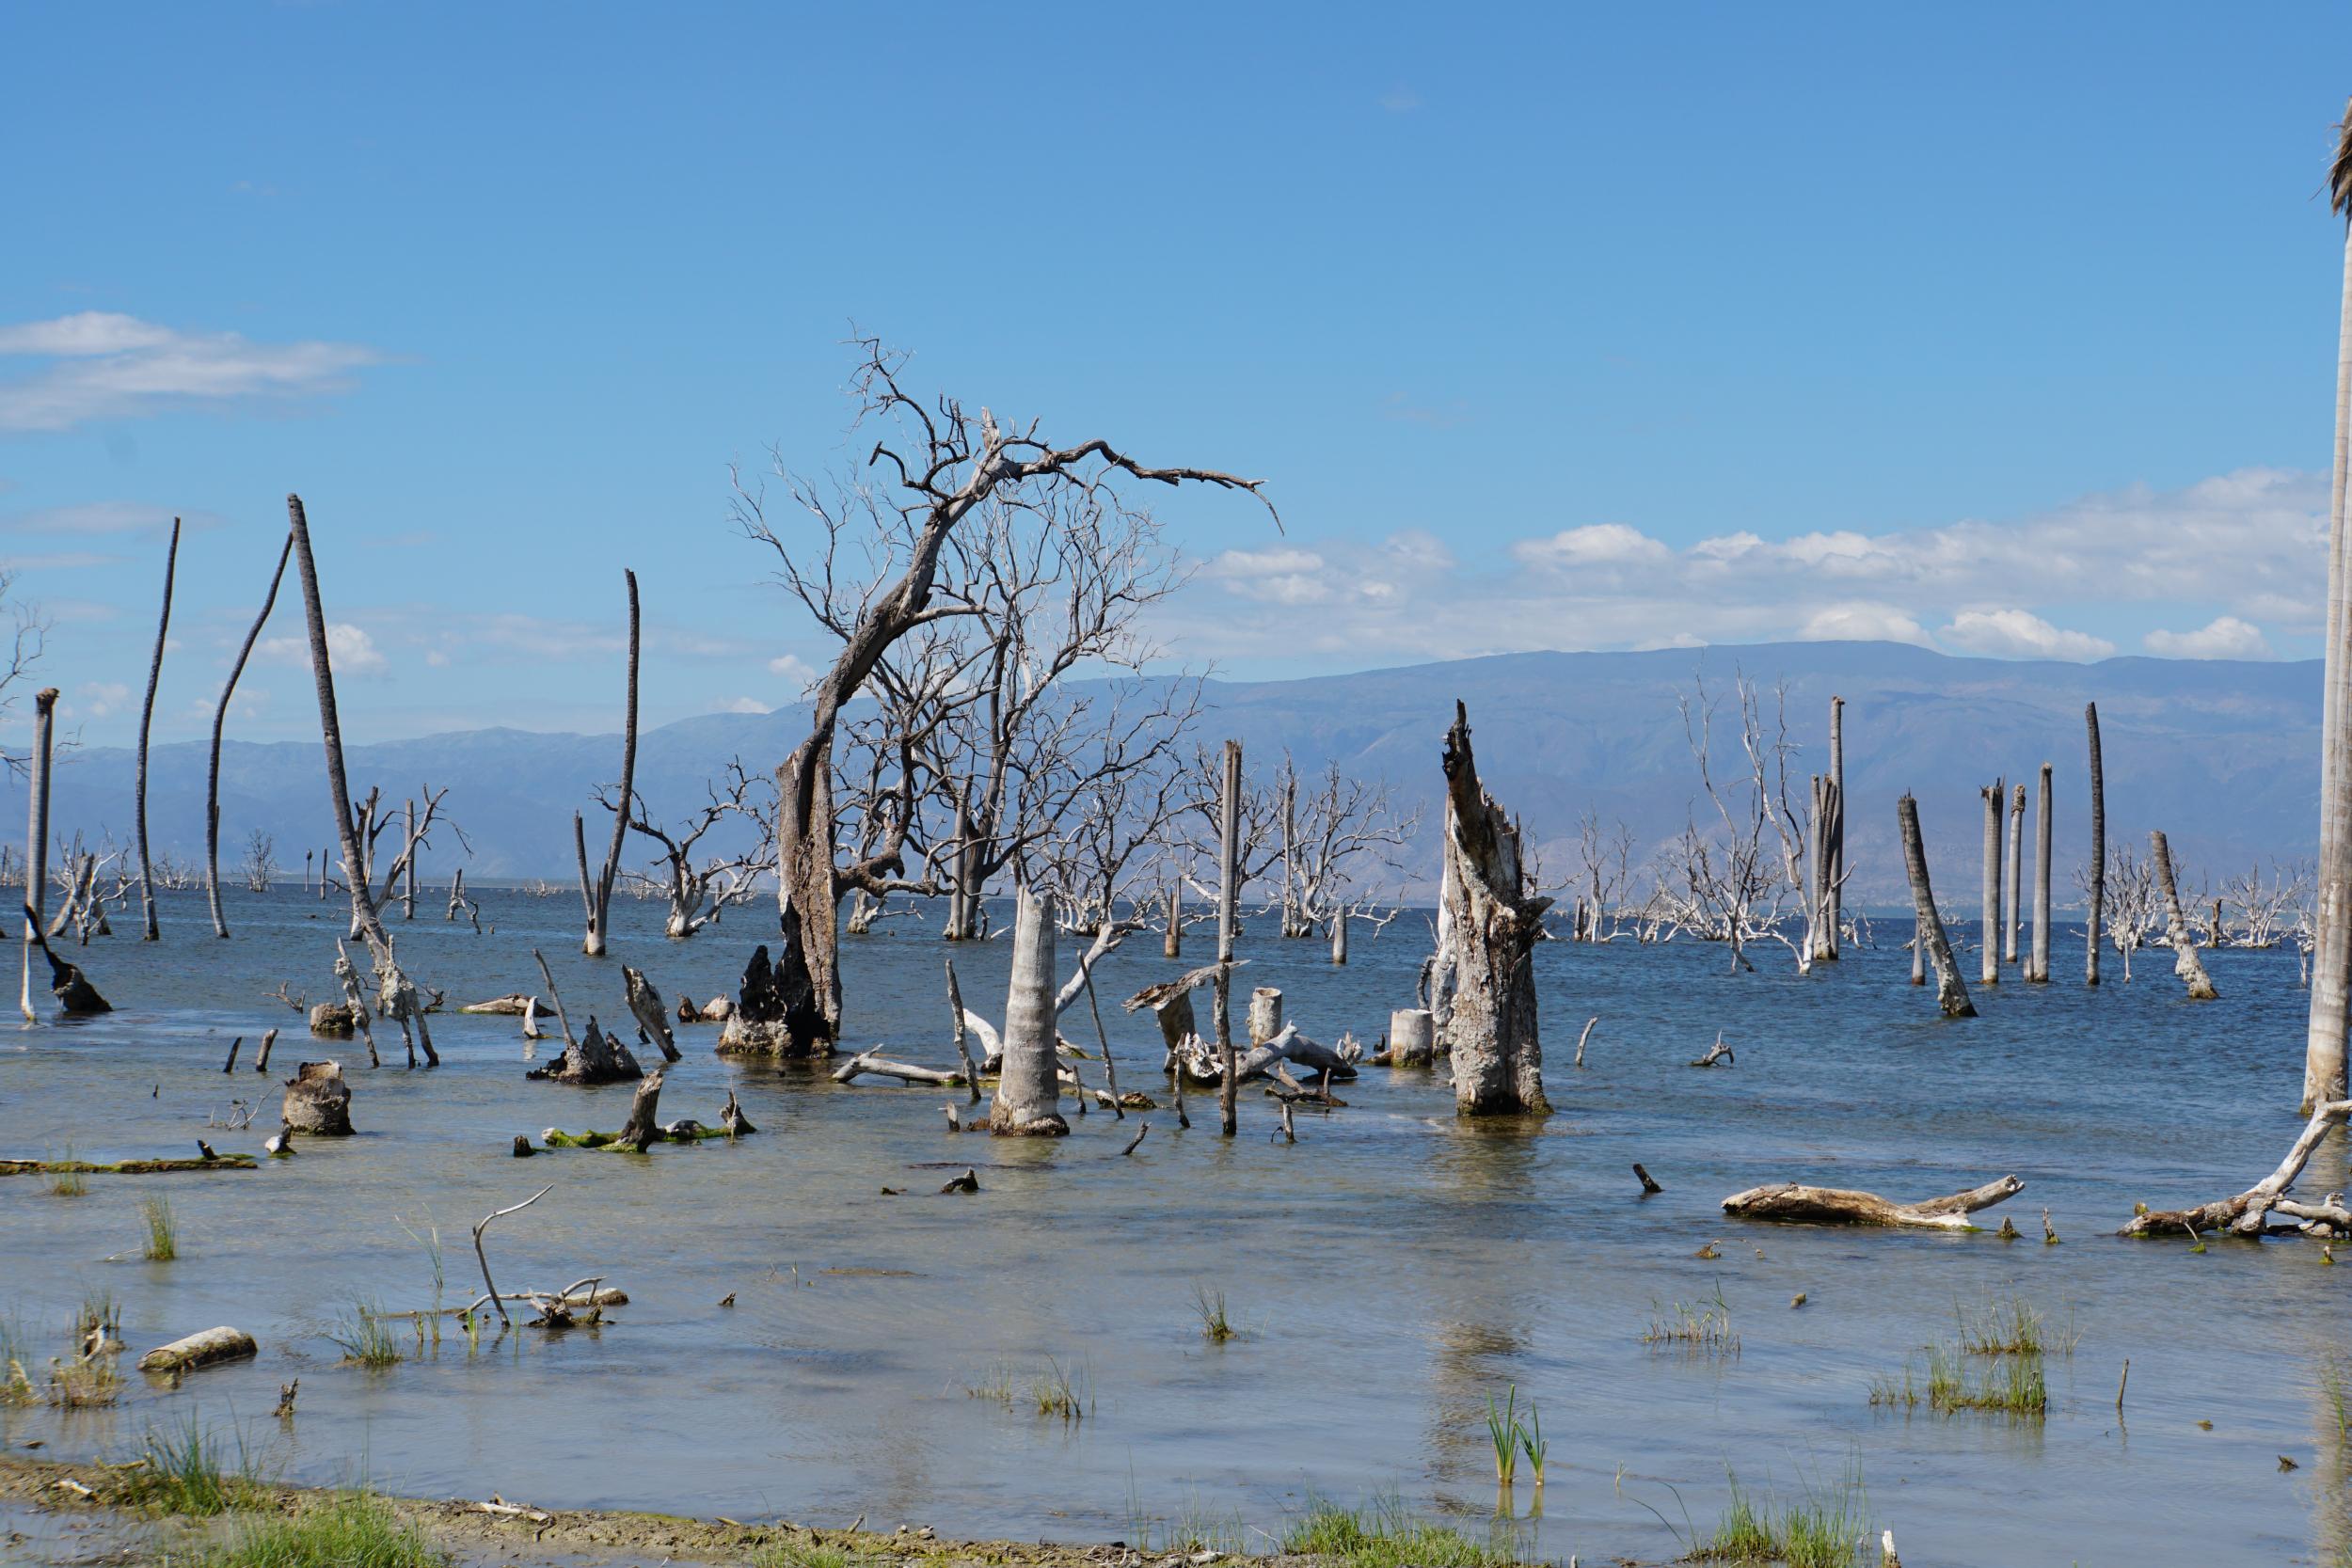 60. Lago Enriquillo